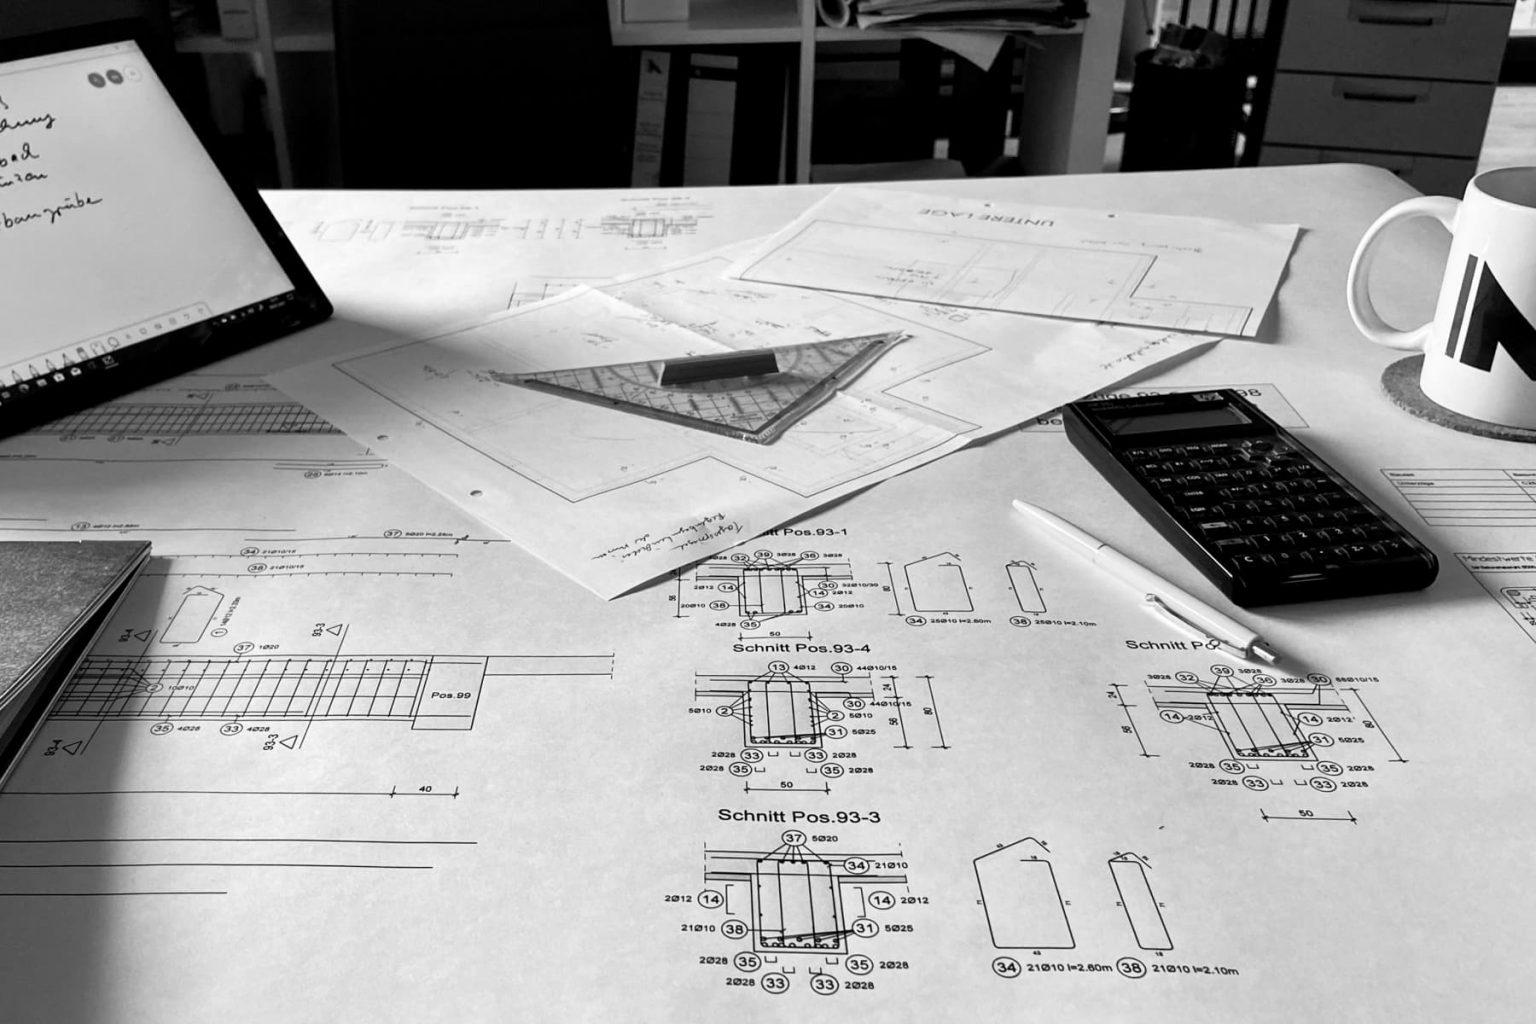 Ingenieurbüro Nebel - Statiker, Architekten - Unternehmen - Kontakt